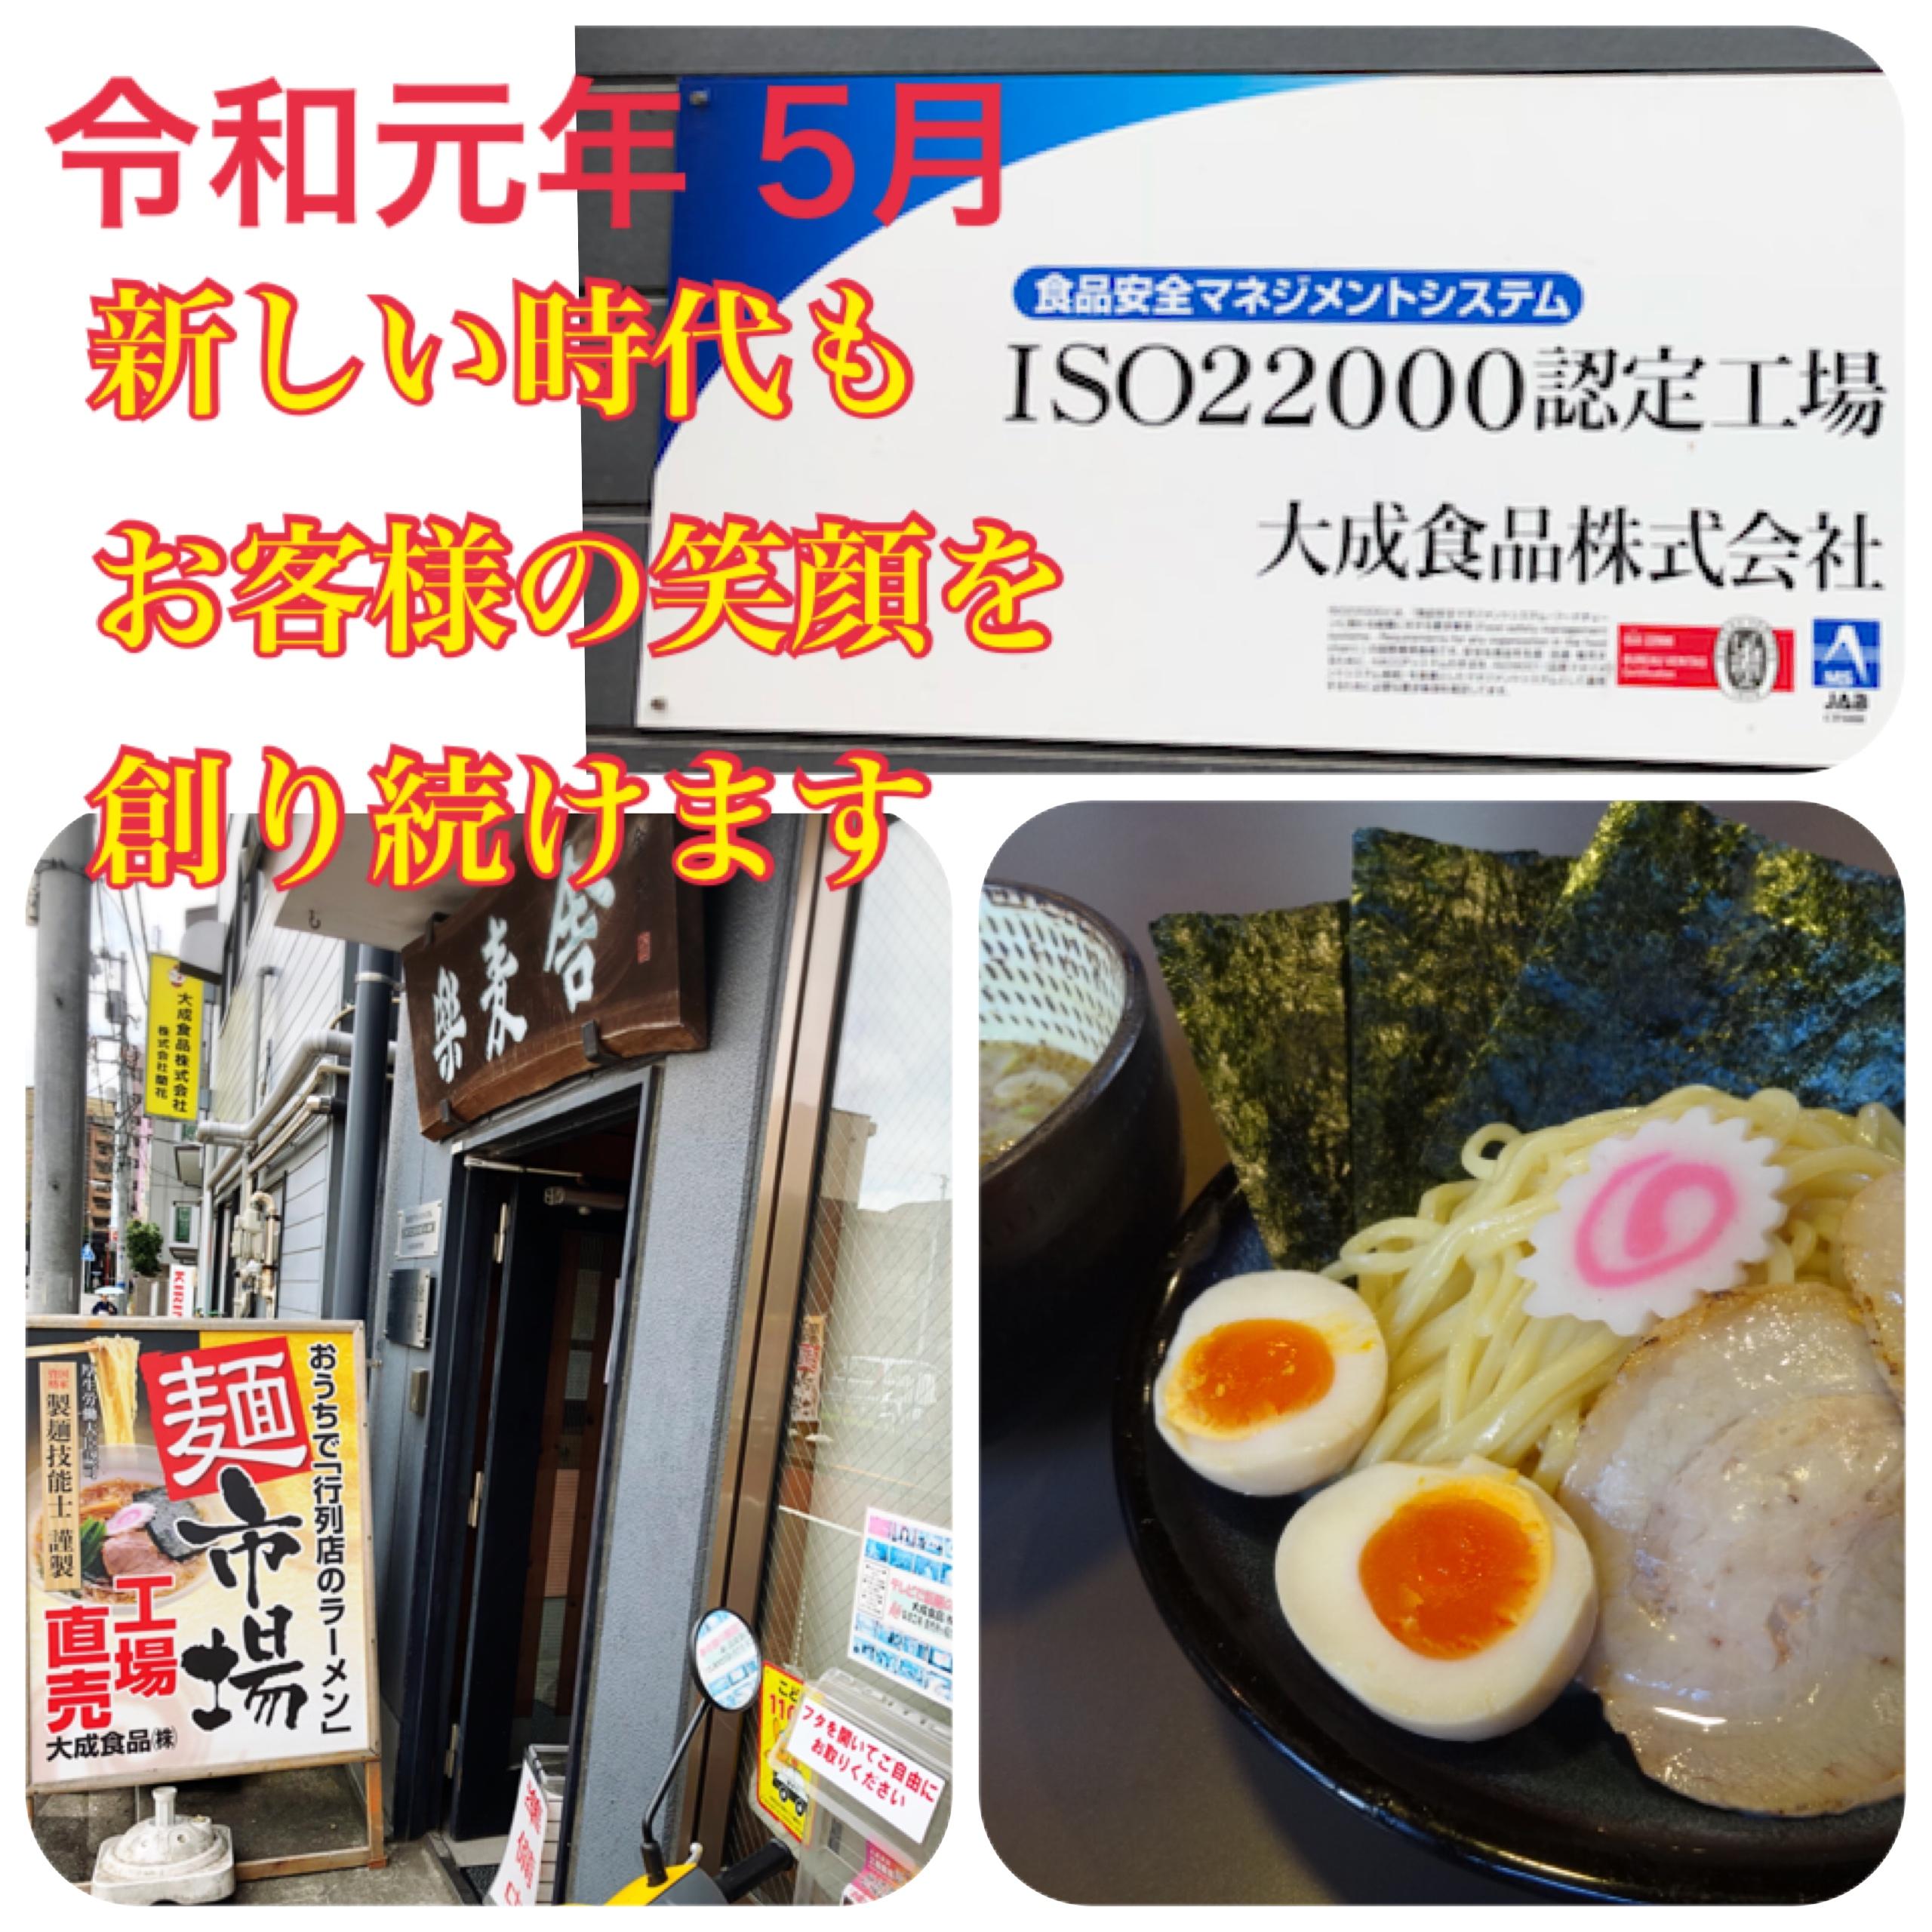 5月のイベント 19日 日曜は麺彩房中野本店、上海麺館@中野駅前でつけそばを! 麺彩房 弐 NEXT@人形町、日曜定休日。